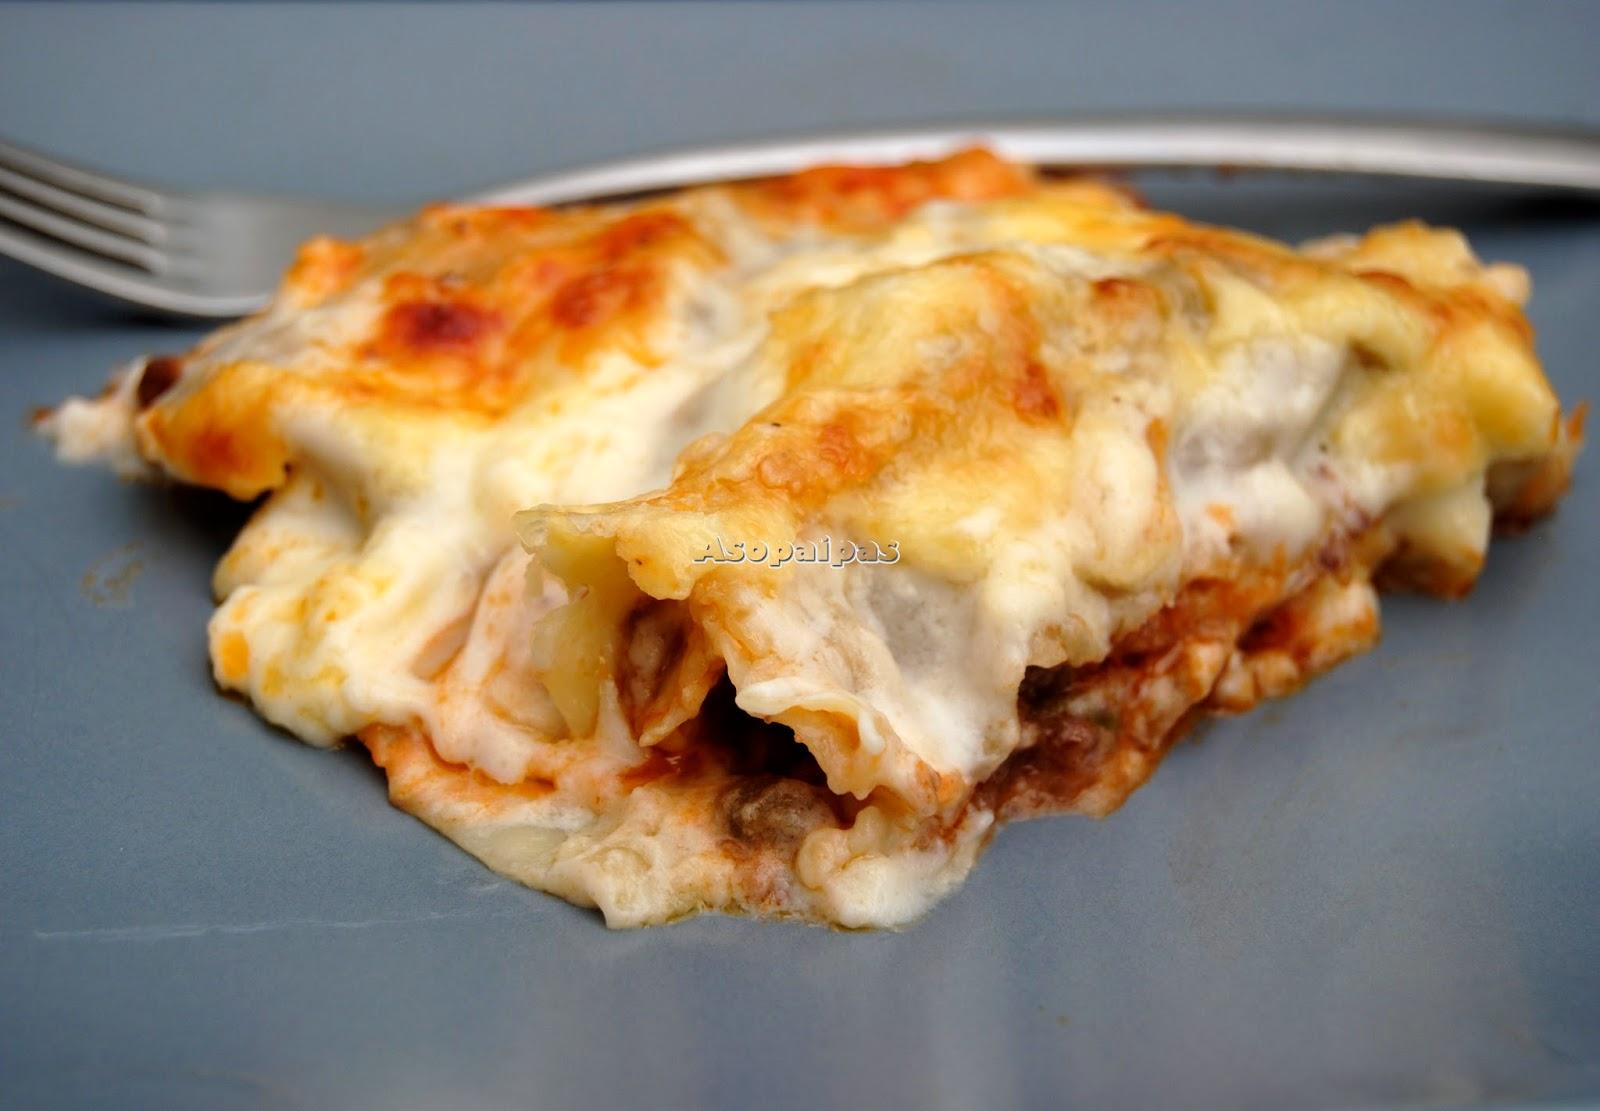 Canelones de carne picada y verduras receta asopaipas recetas de cocina casera - Que cocinar con carne picada ...